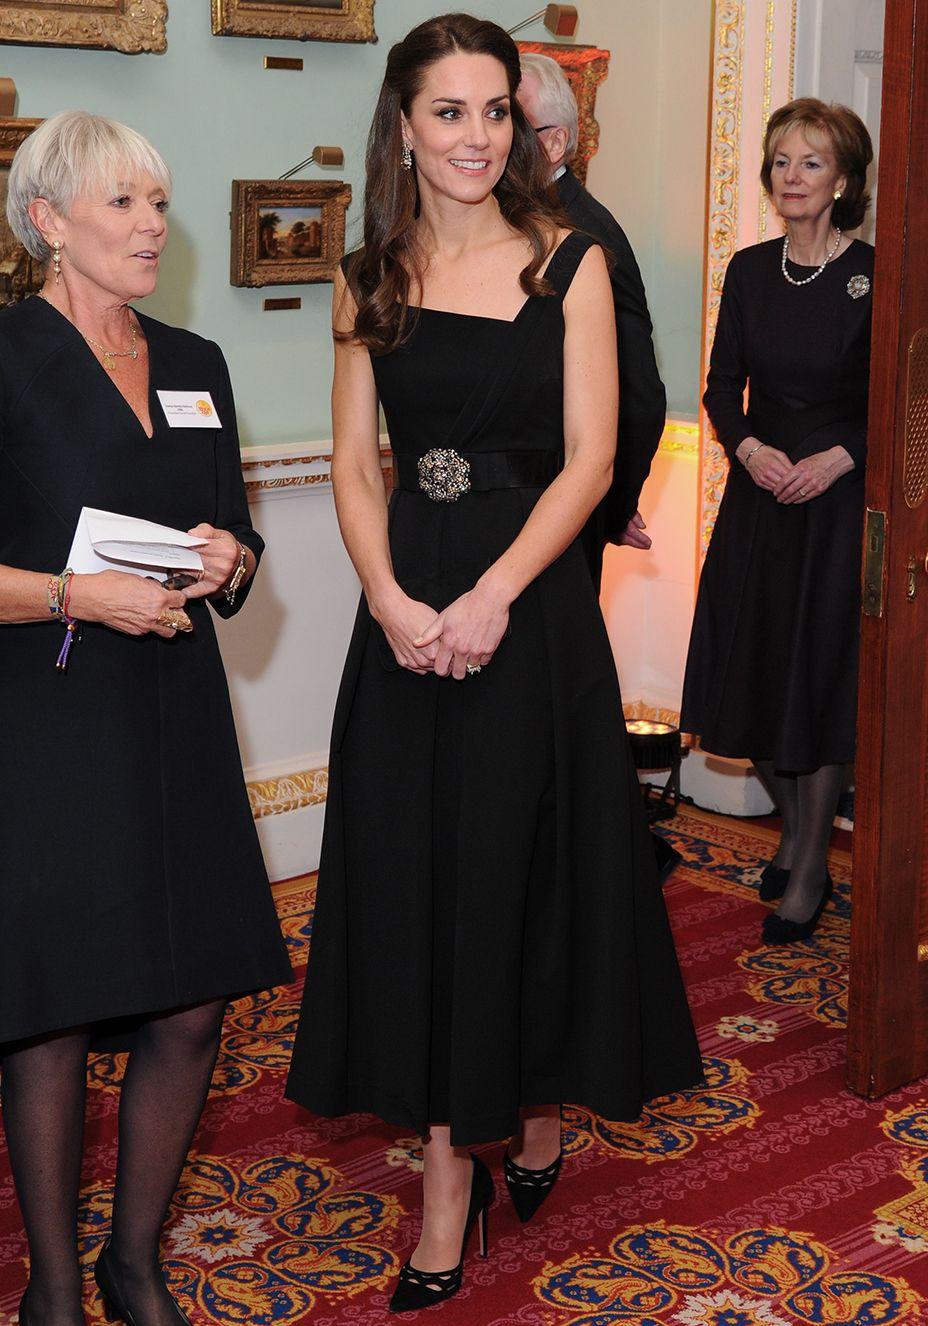 kate middleton compra o mesmo vestido em cores diferentes moda kate middleton roupas de kate middleton duquesa kate pinterest